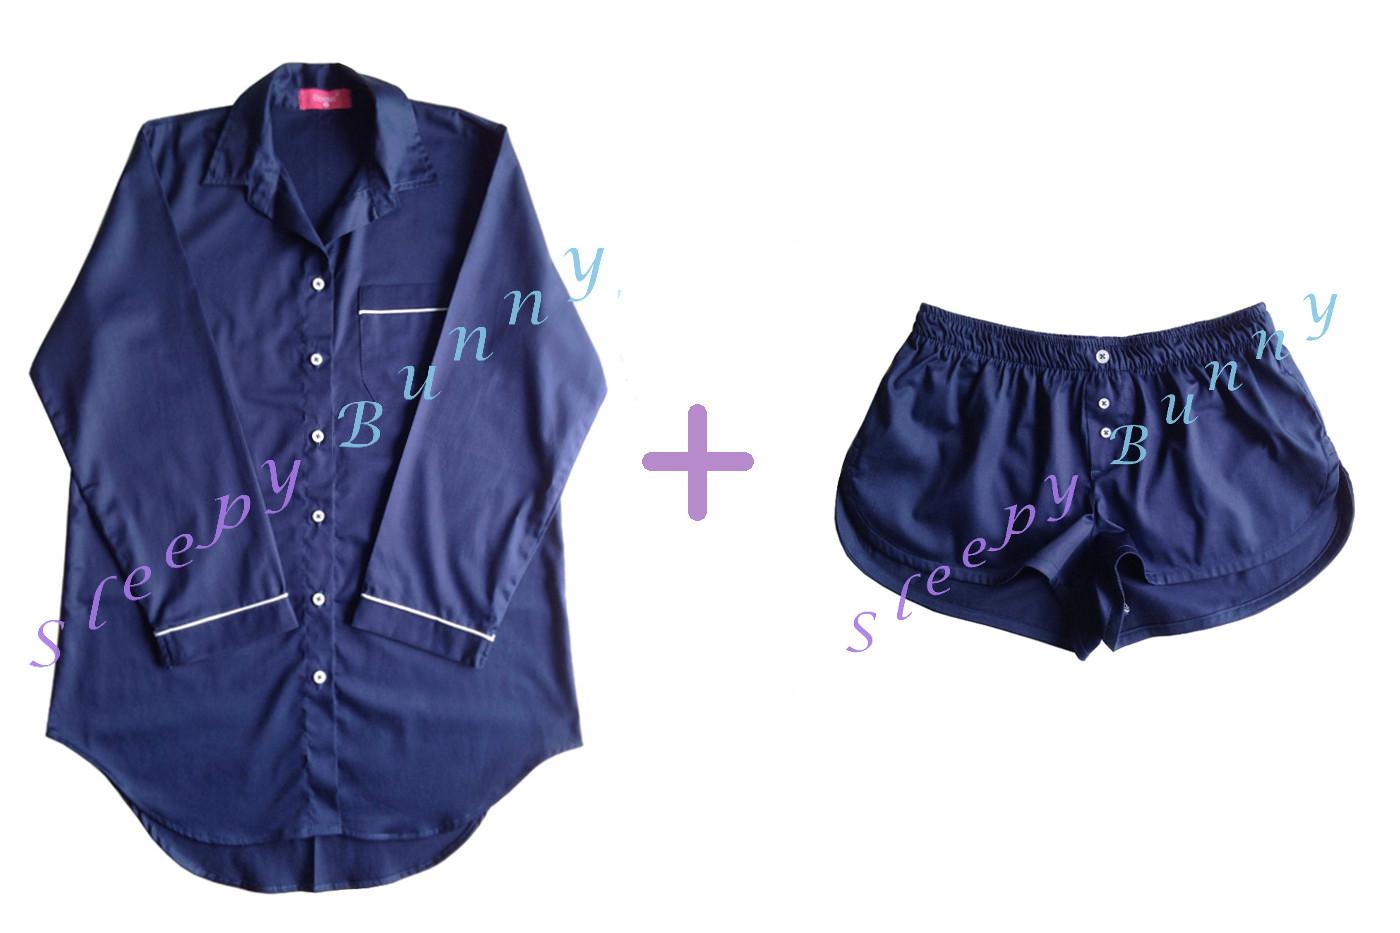 คุณสุพัฒจนาธรรม CF ค่ะ Promotion db13X set สีกรมท่าไซส์ใหญ่ ชุดนอนเดรสเชิ้ต (Size L) + boxer (Size XL) --> Pajamazz